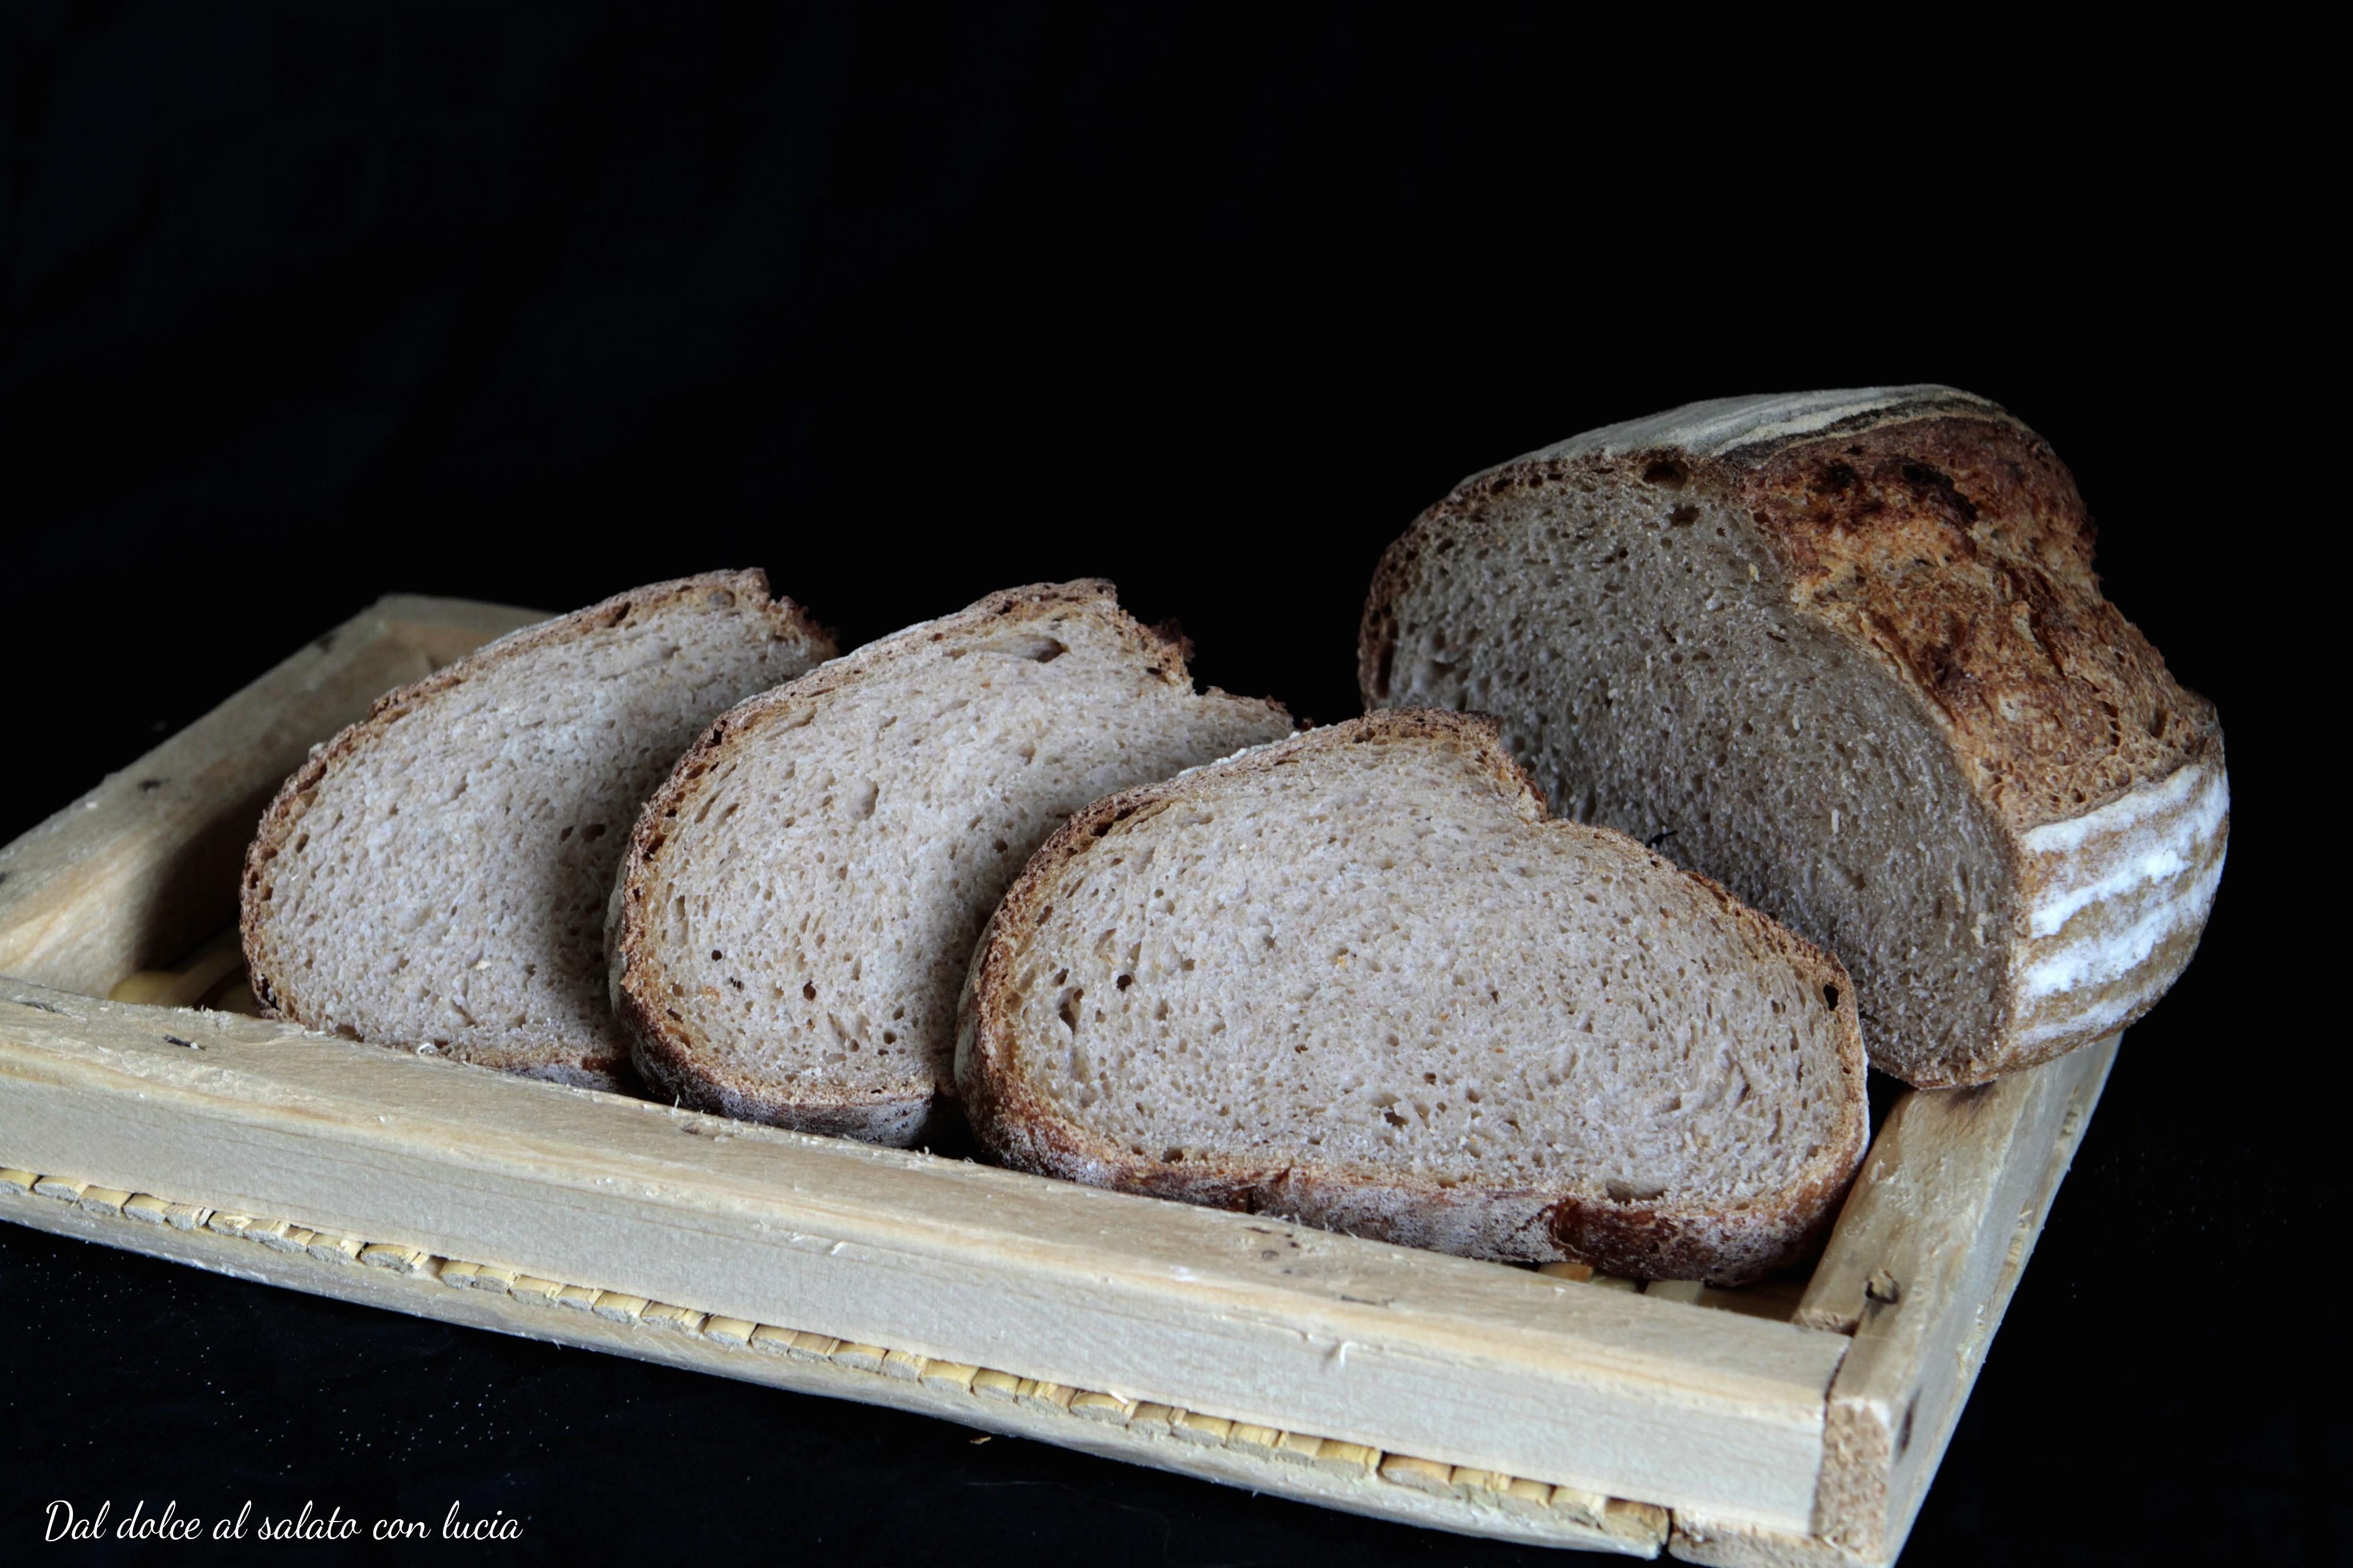 Credenza Per Pane : Come gestire il pane al ristorante u mp library